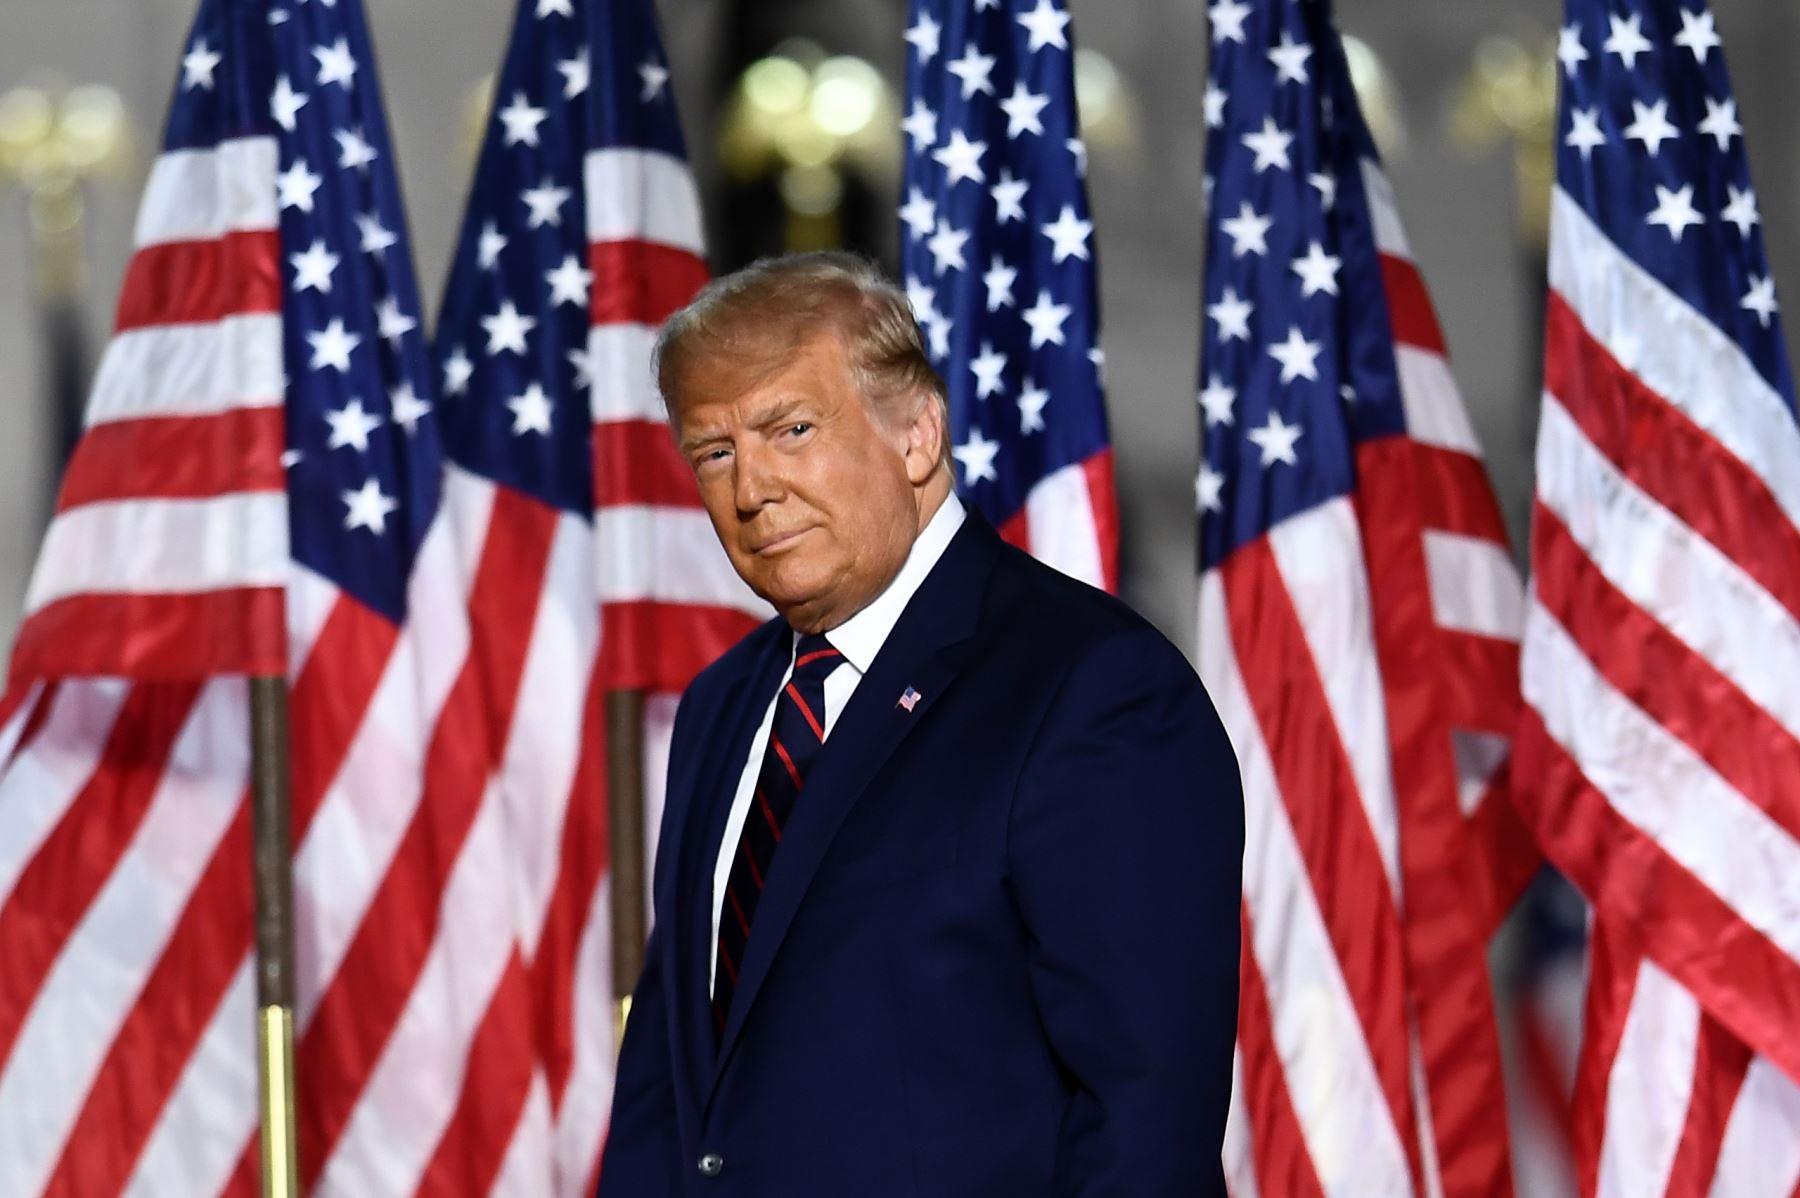 El presidente de los Estados Unidos, Donald Trump, llega para pronunciar su discurso de aceptación a la nominación del Partido Republicano para la reelección durante el último día de la Convención Nacional Republicana en el Jardín Sur de la Casa Blanca en Washington, DC. Foto: AFP